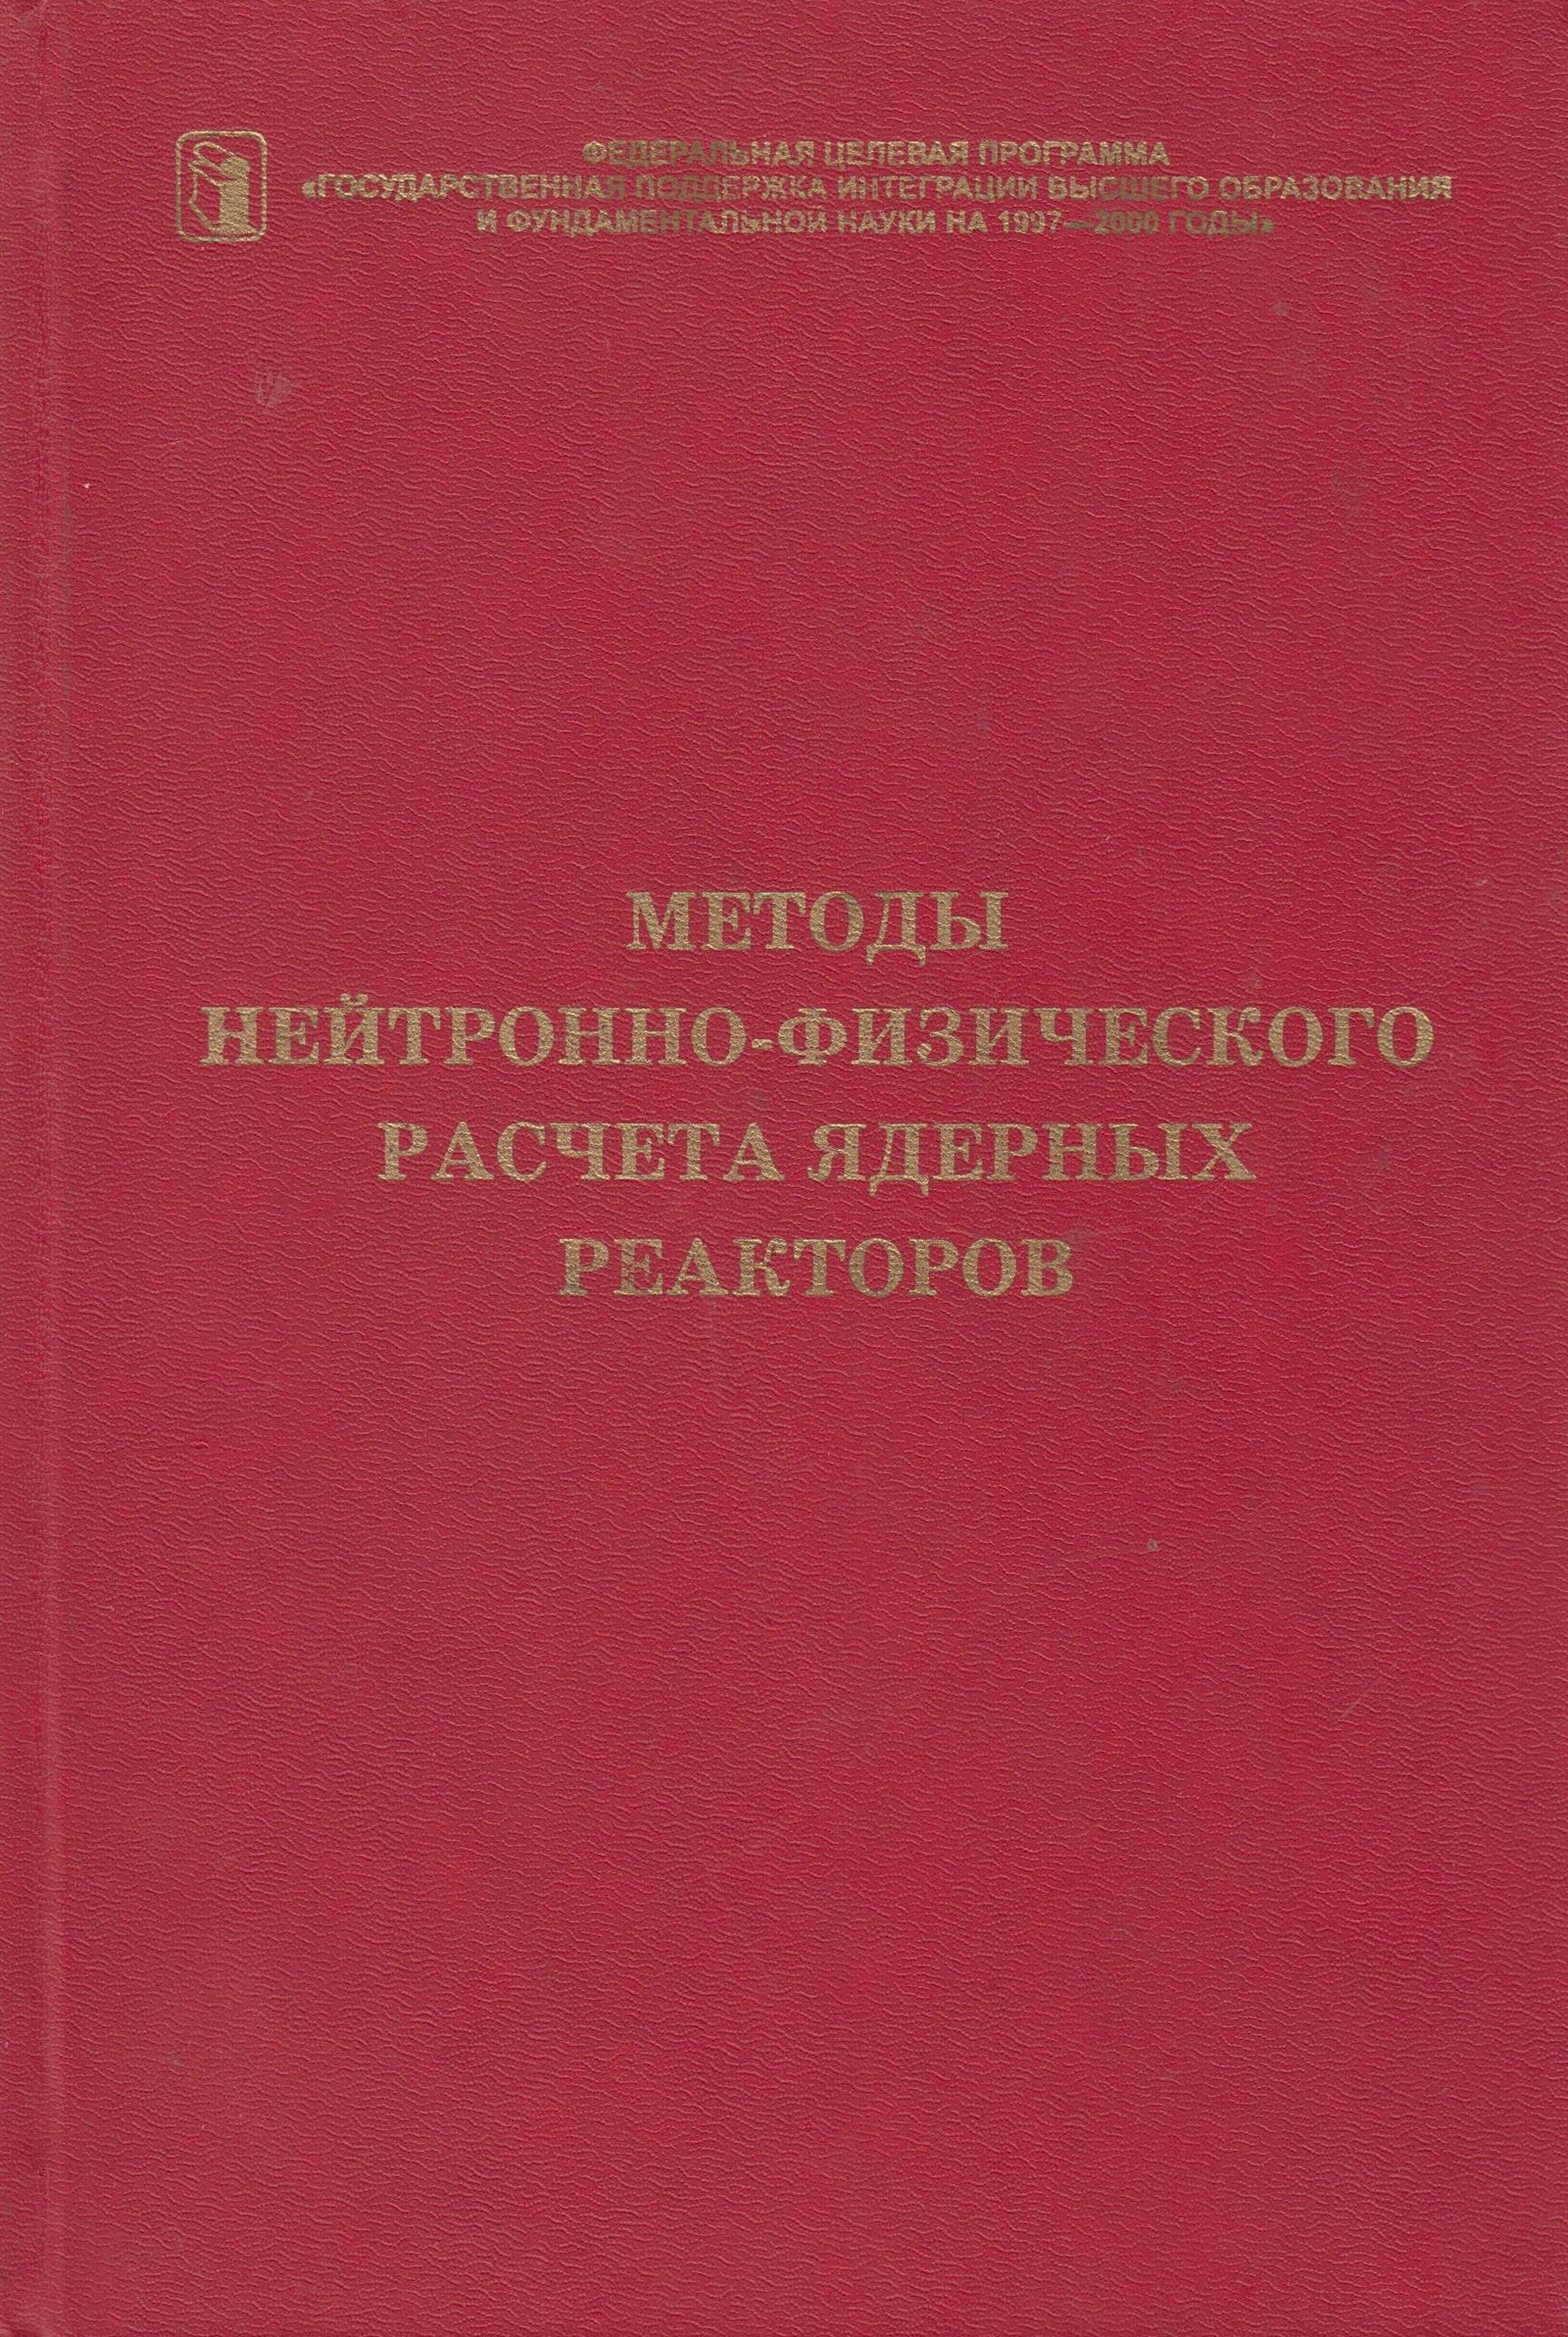 Глушков Евгений Серафимович Методы нейтронно-физического расчёта ядерных реакторов